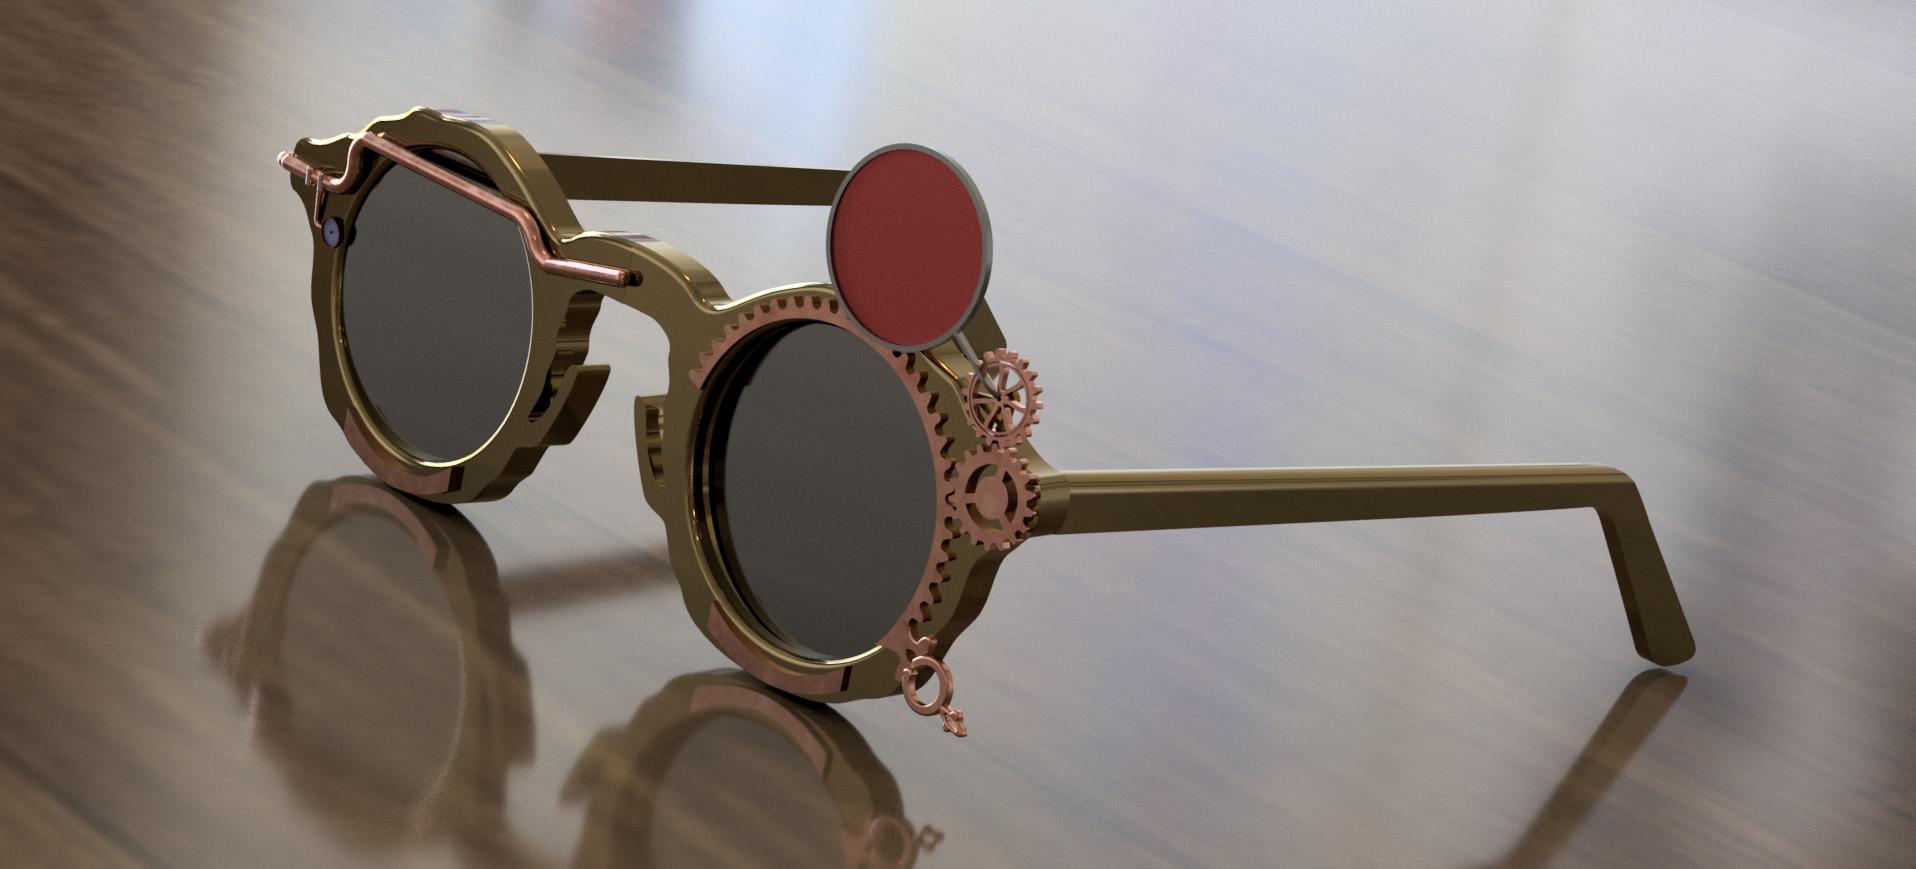 Lunettes de soleil steampunk